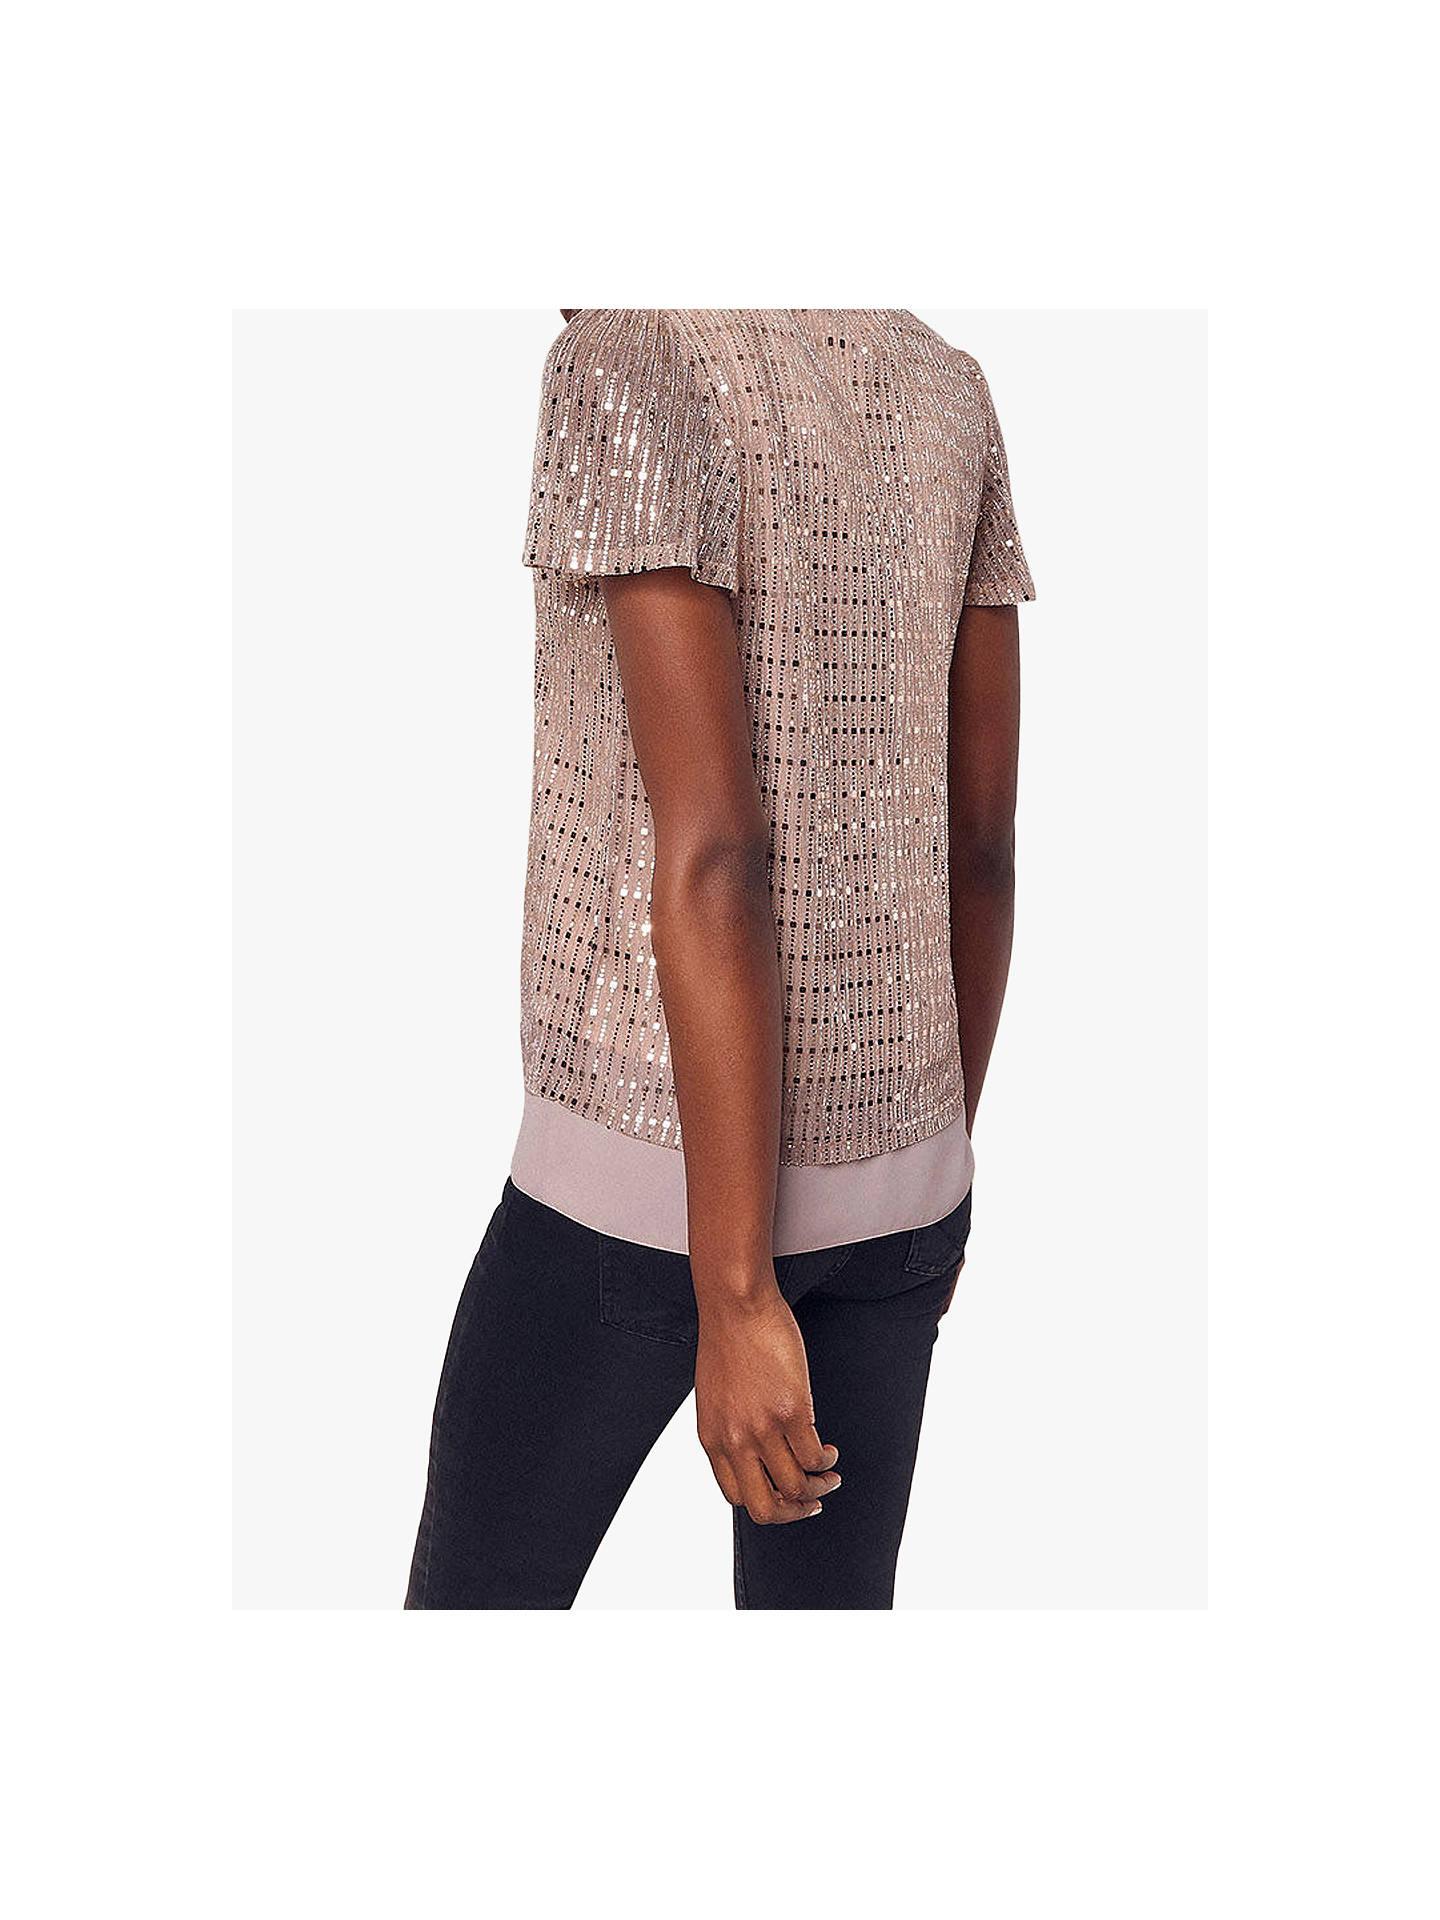 9f1da97a8b26 ... Buy Oasis V-Neck Sequin T-Shirt, Rose Gold, XS Online at ...